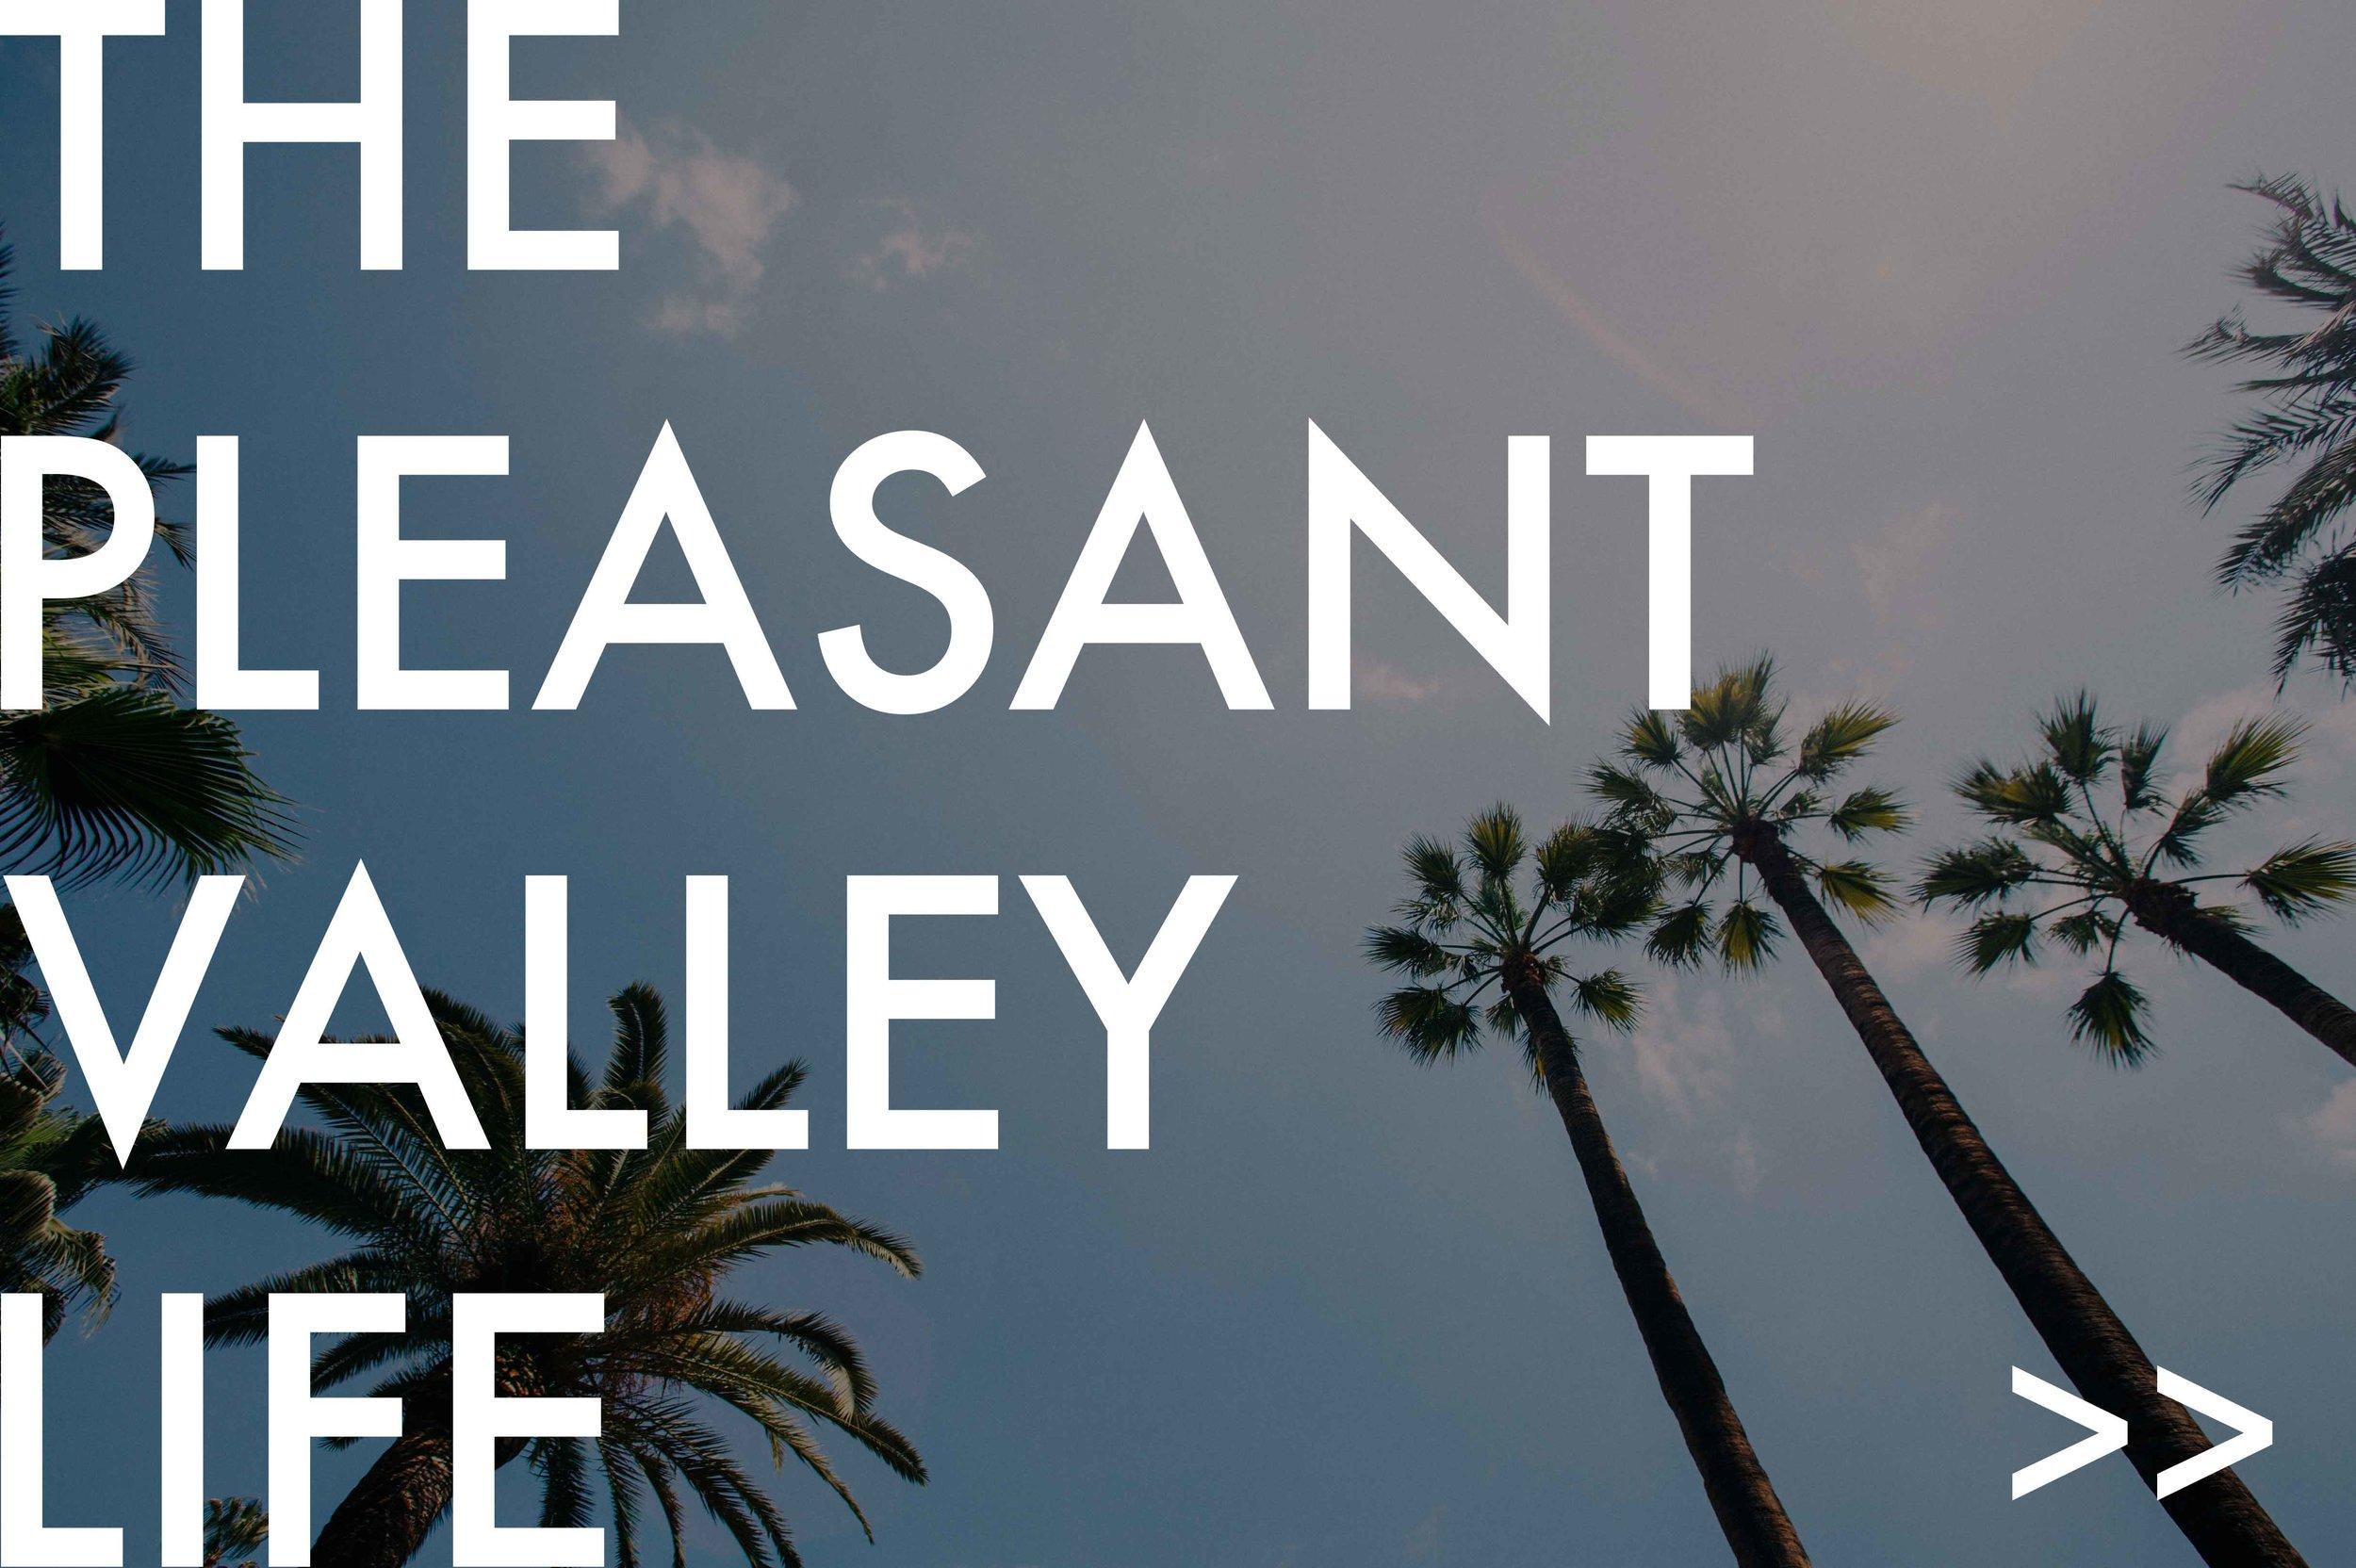 pleasantvalley.jpg